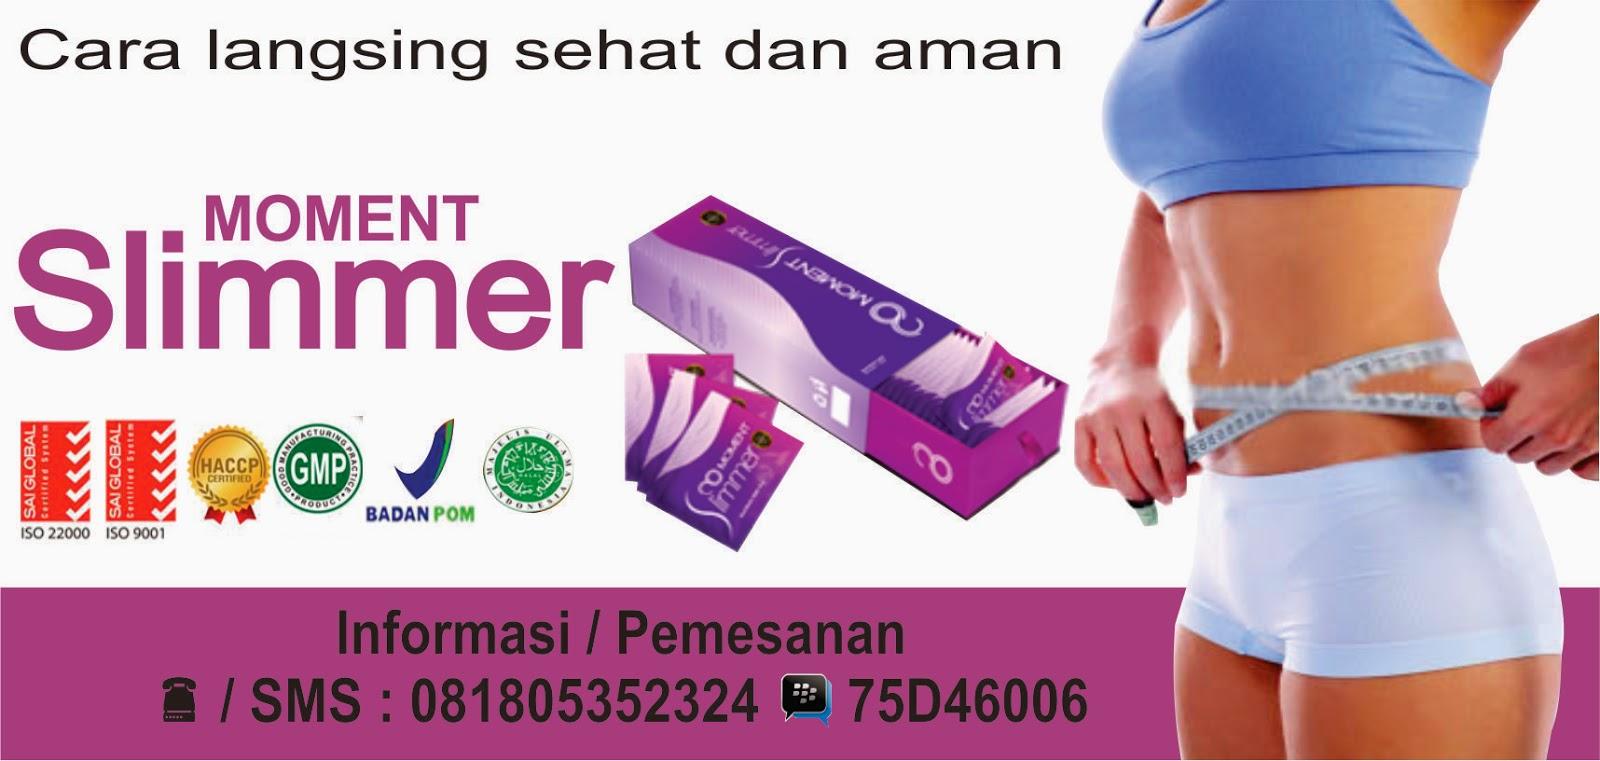 Glucogen2u MOMENT SLIMMER